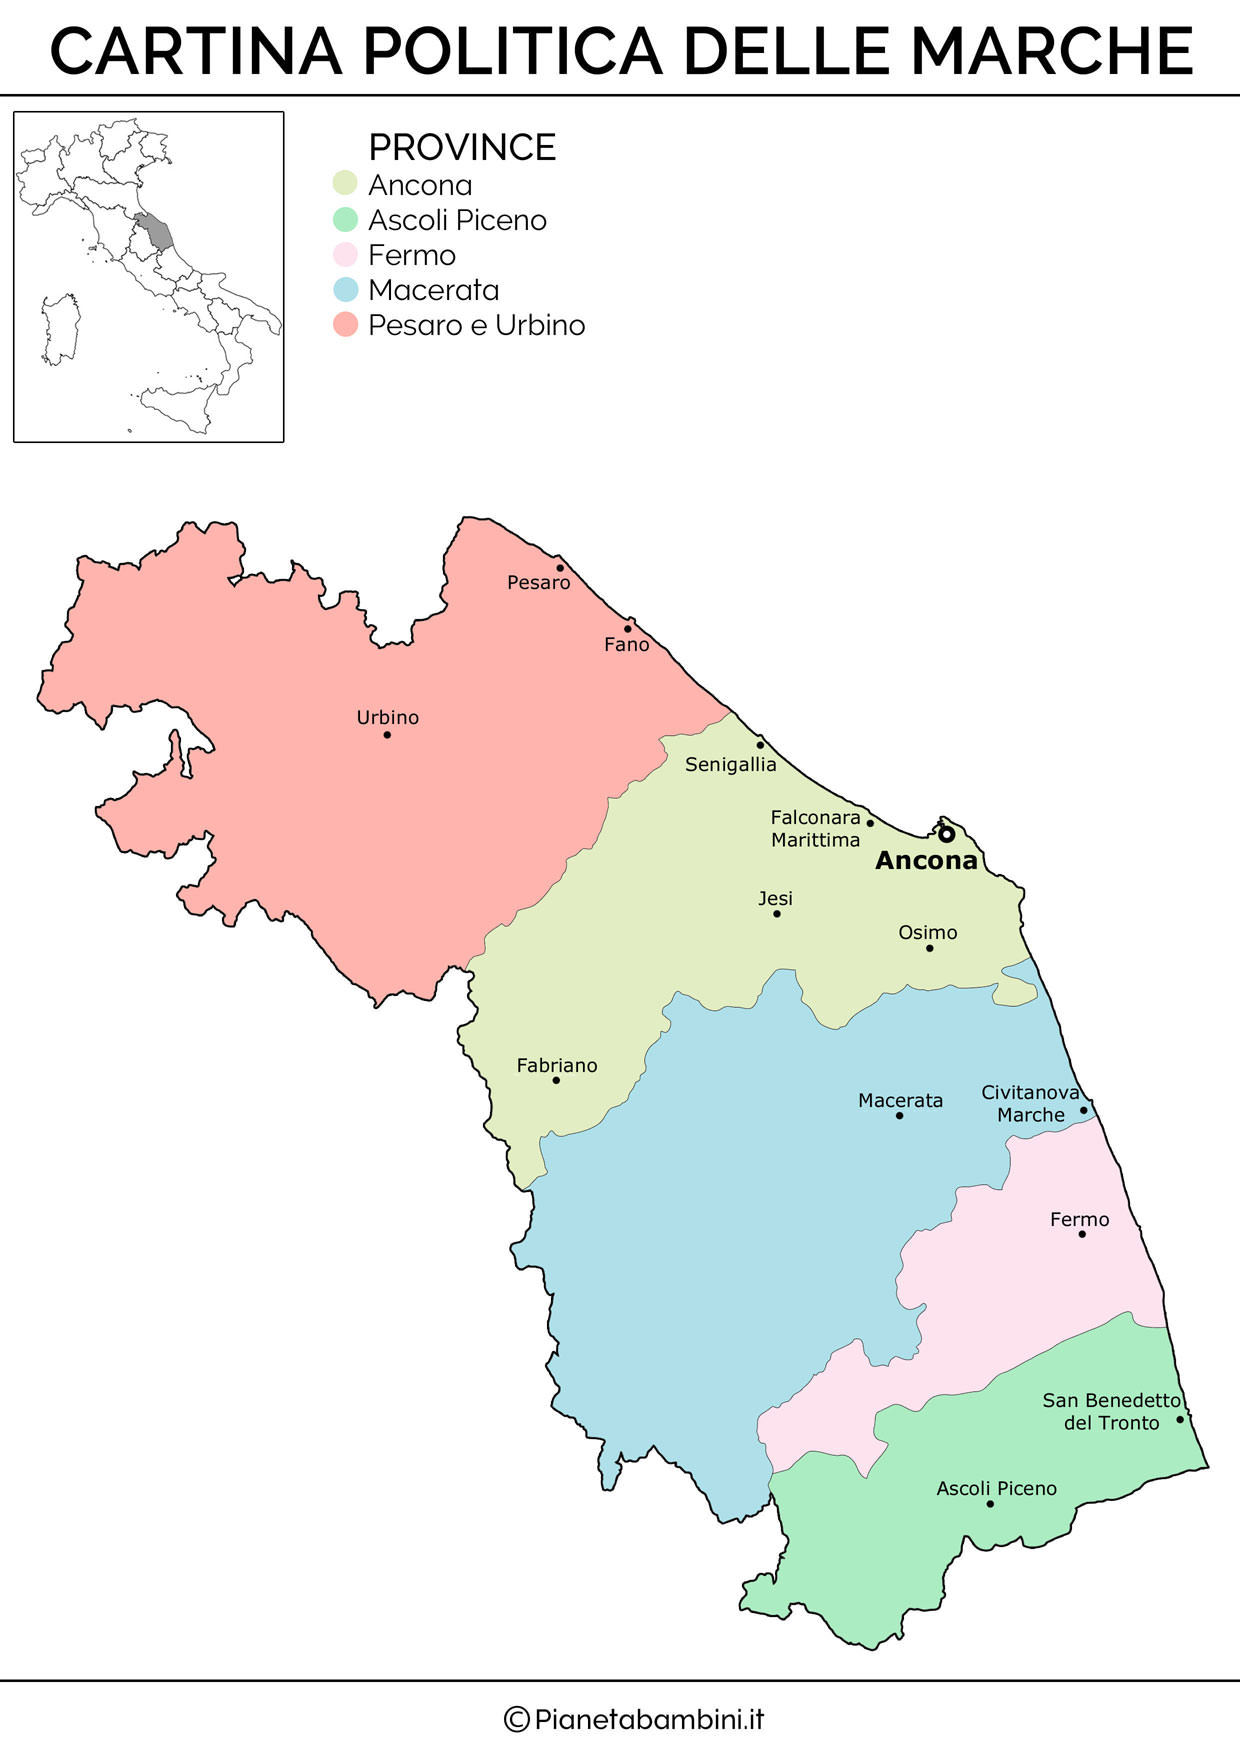 Cartina delle Marche in versione politica